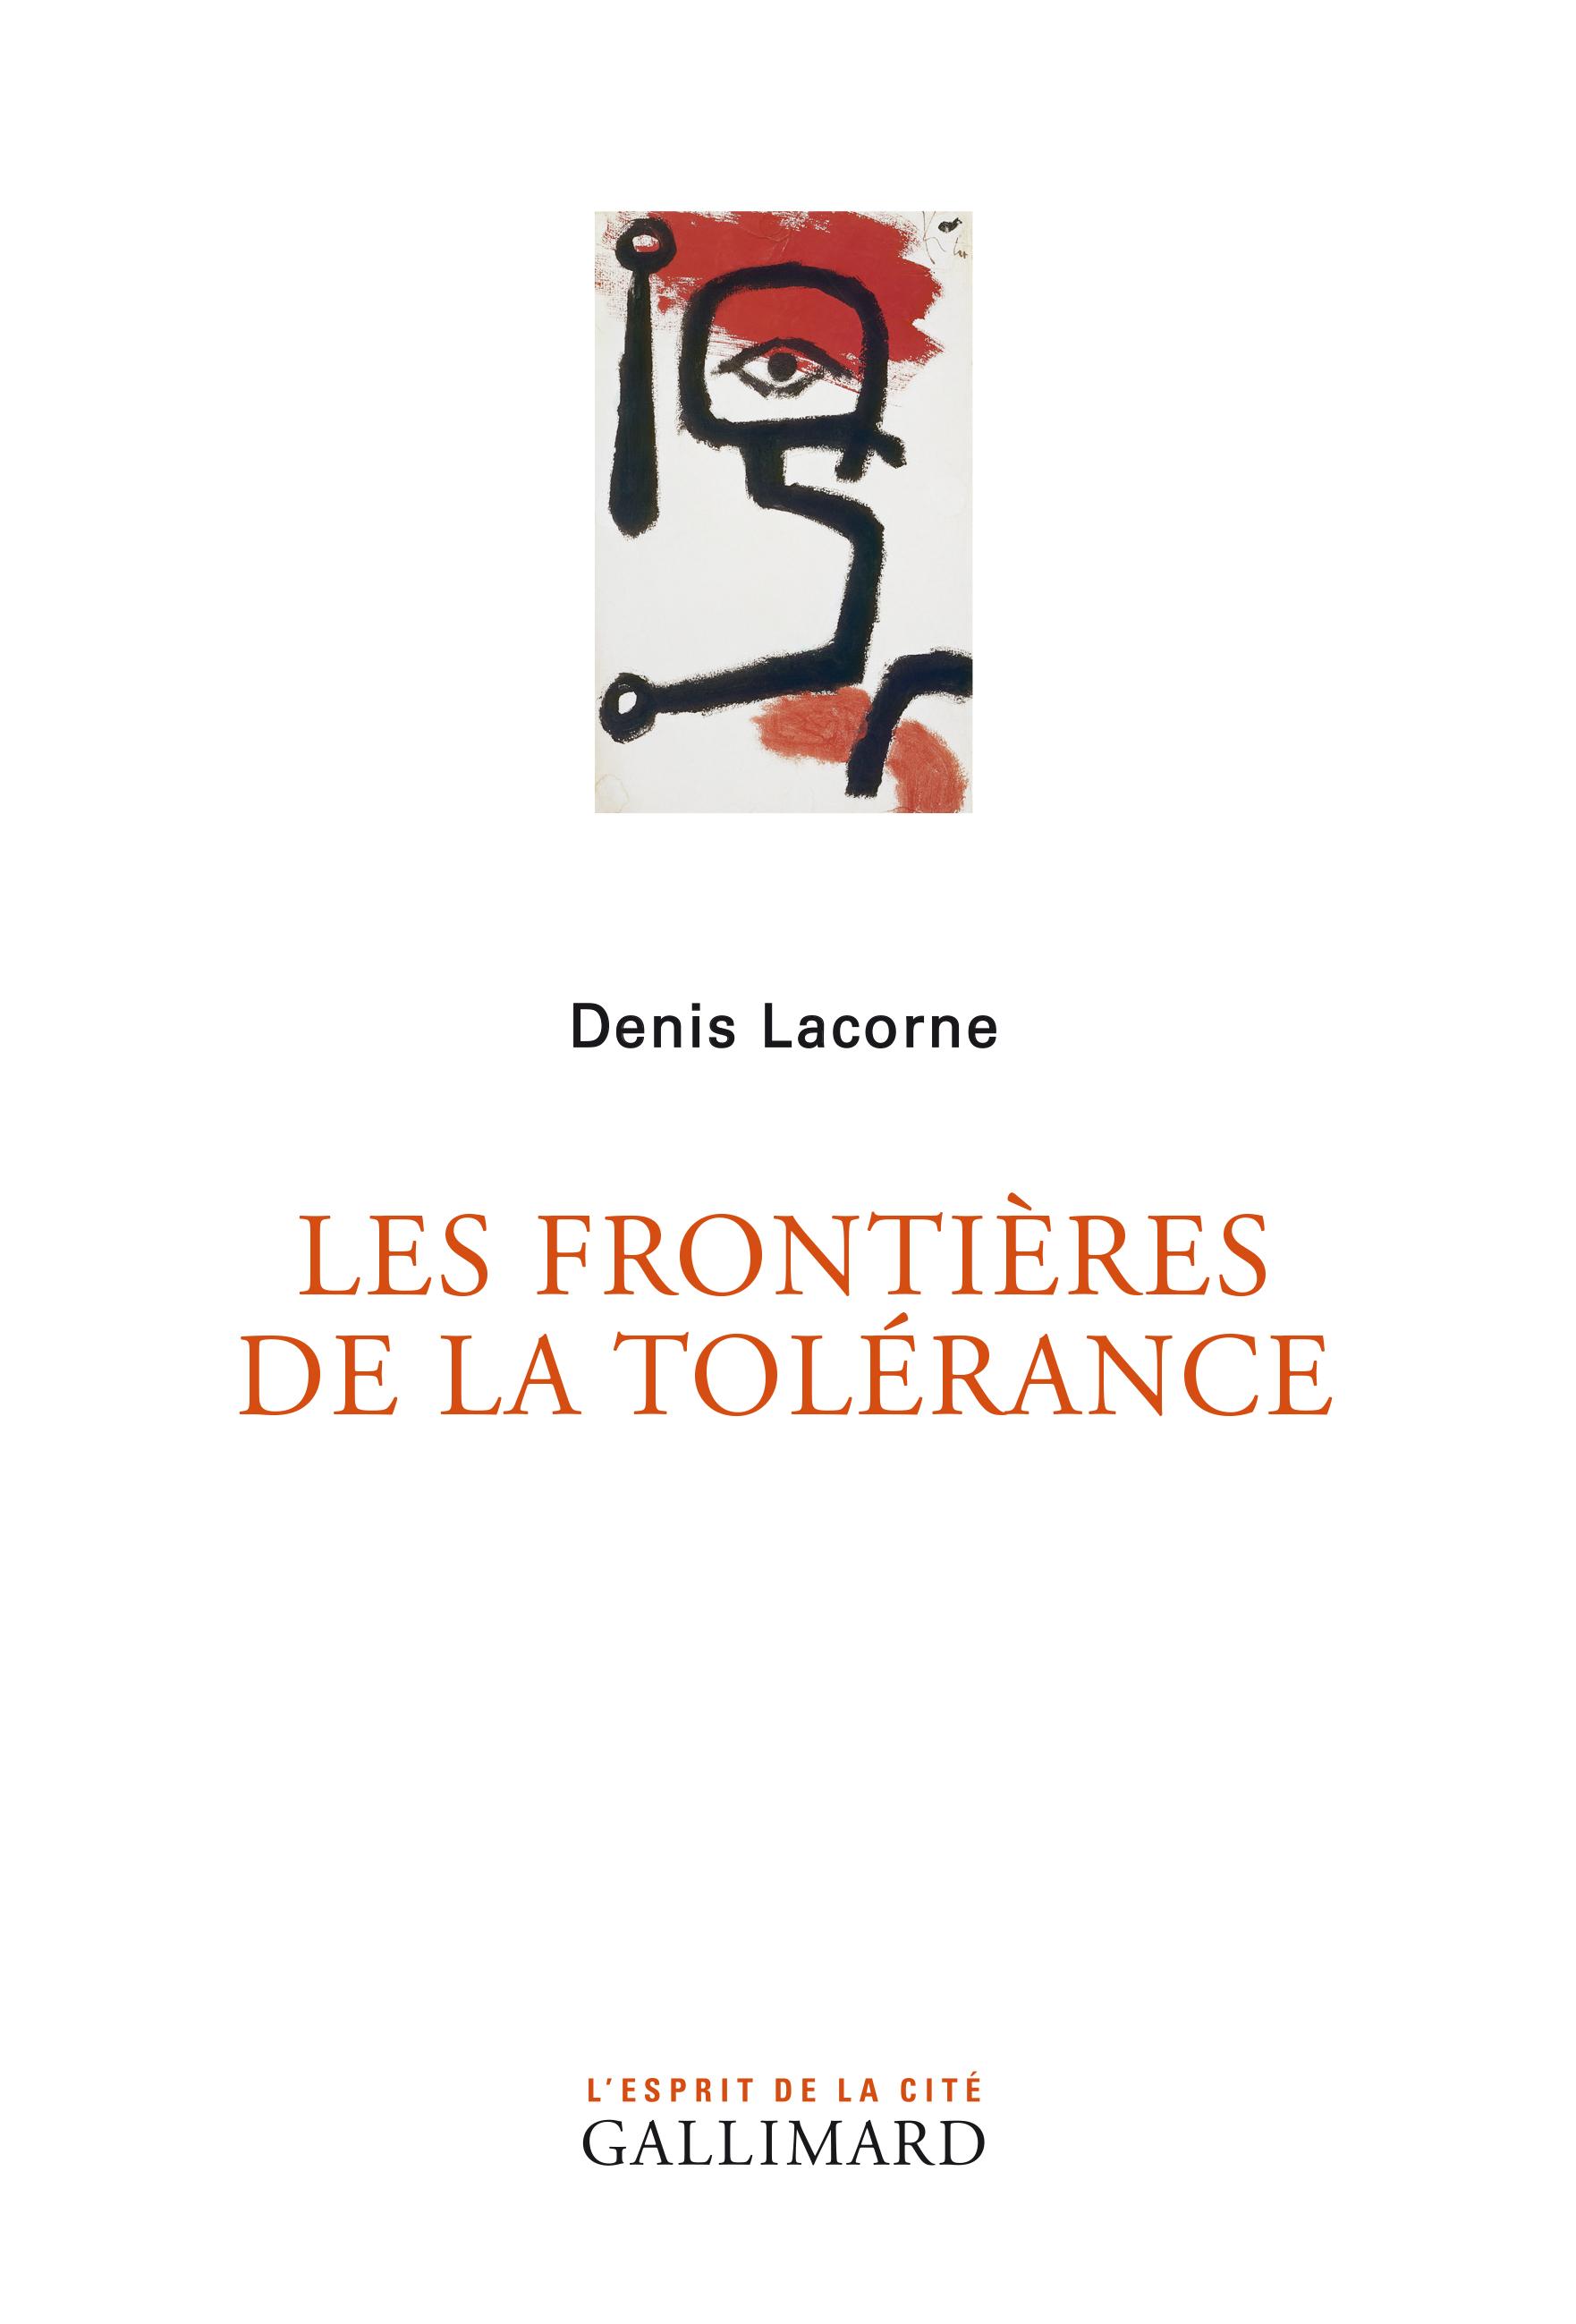 Les frontières de la tolérance